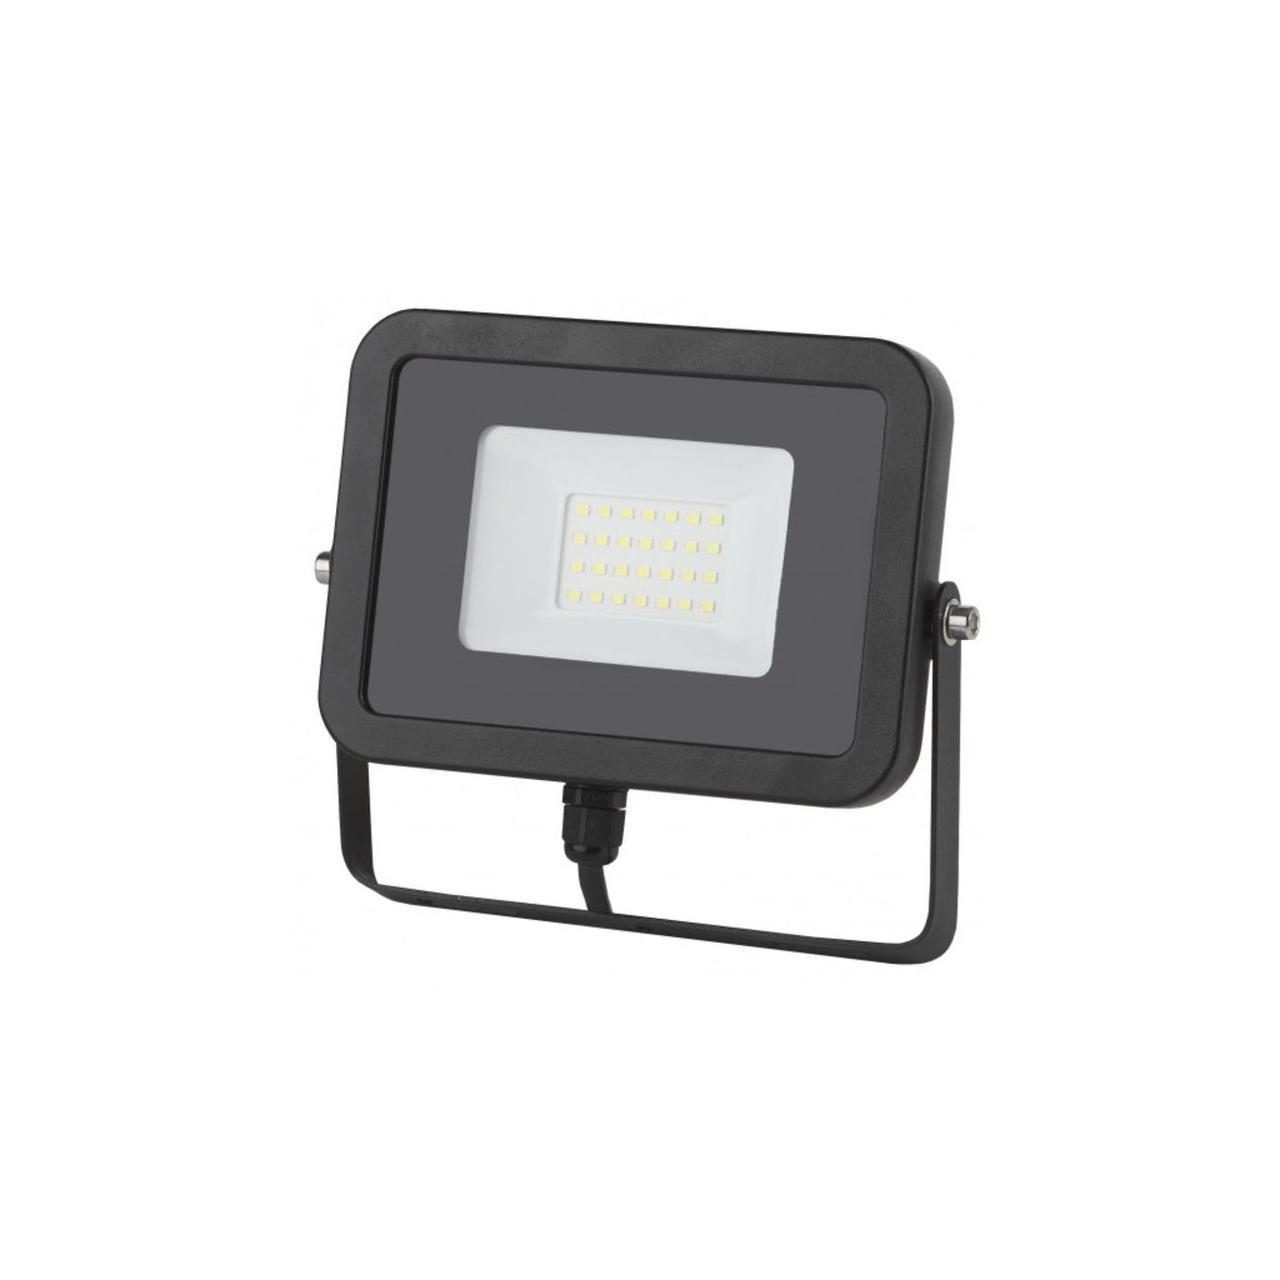 Прожектор Эра LPR-30-2700K-M SMD Eco Slim, 30 Вт